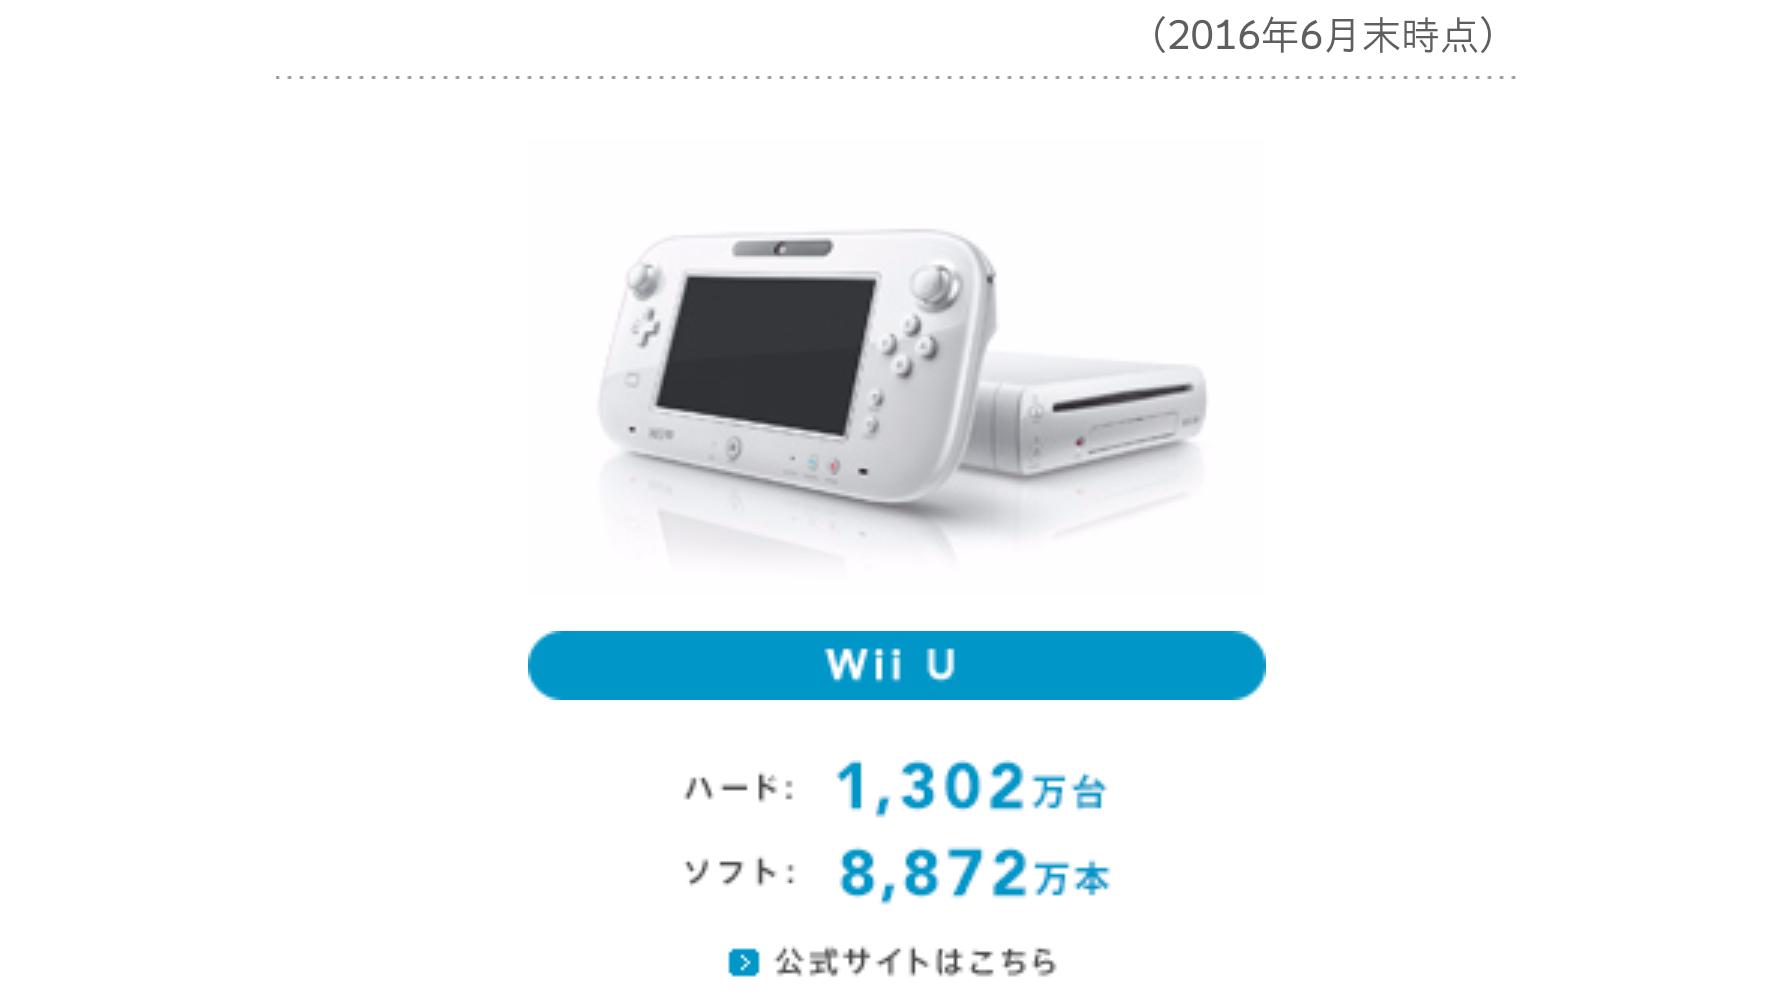 任天堂一季度财报亏损 未来将加大手机游戏投入